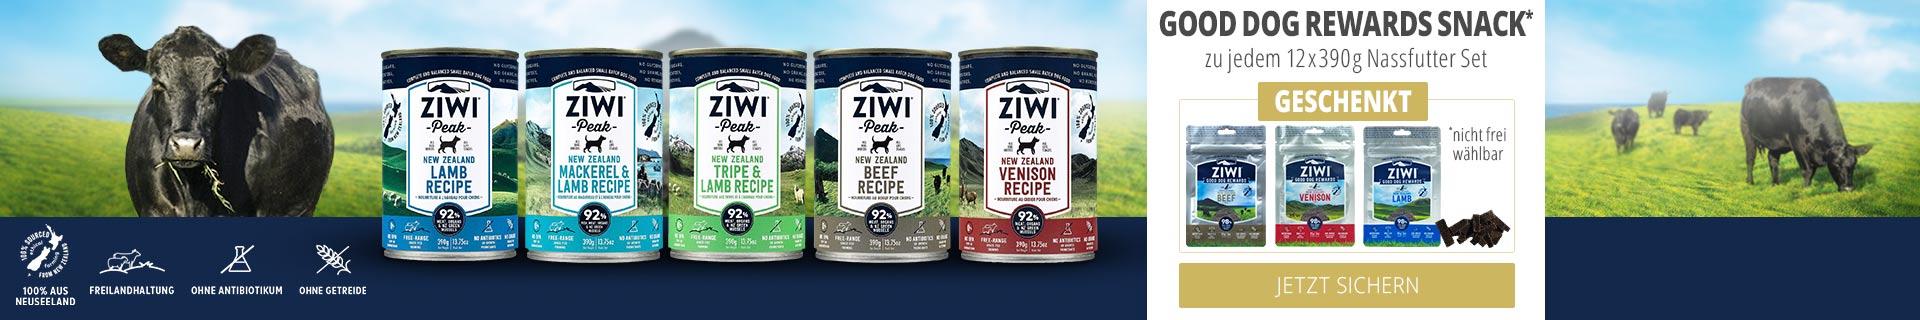 Ziwi Nassfutter Aktion mit Good Dog Rewards Snack Geschenkt